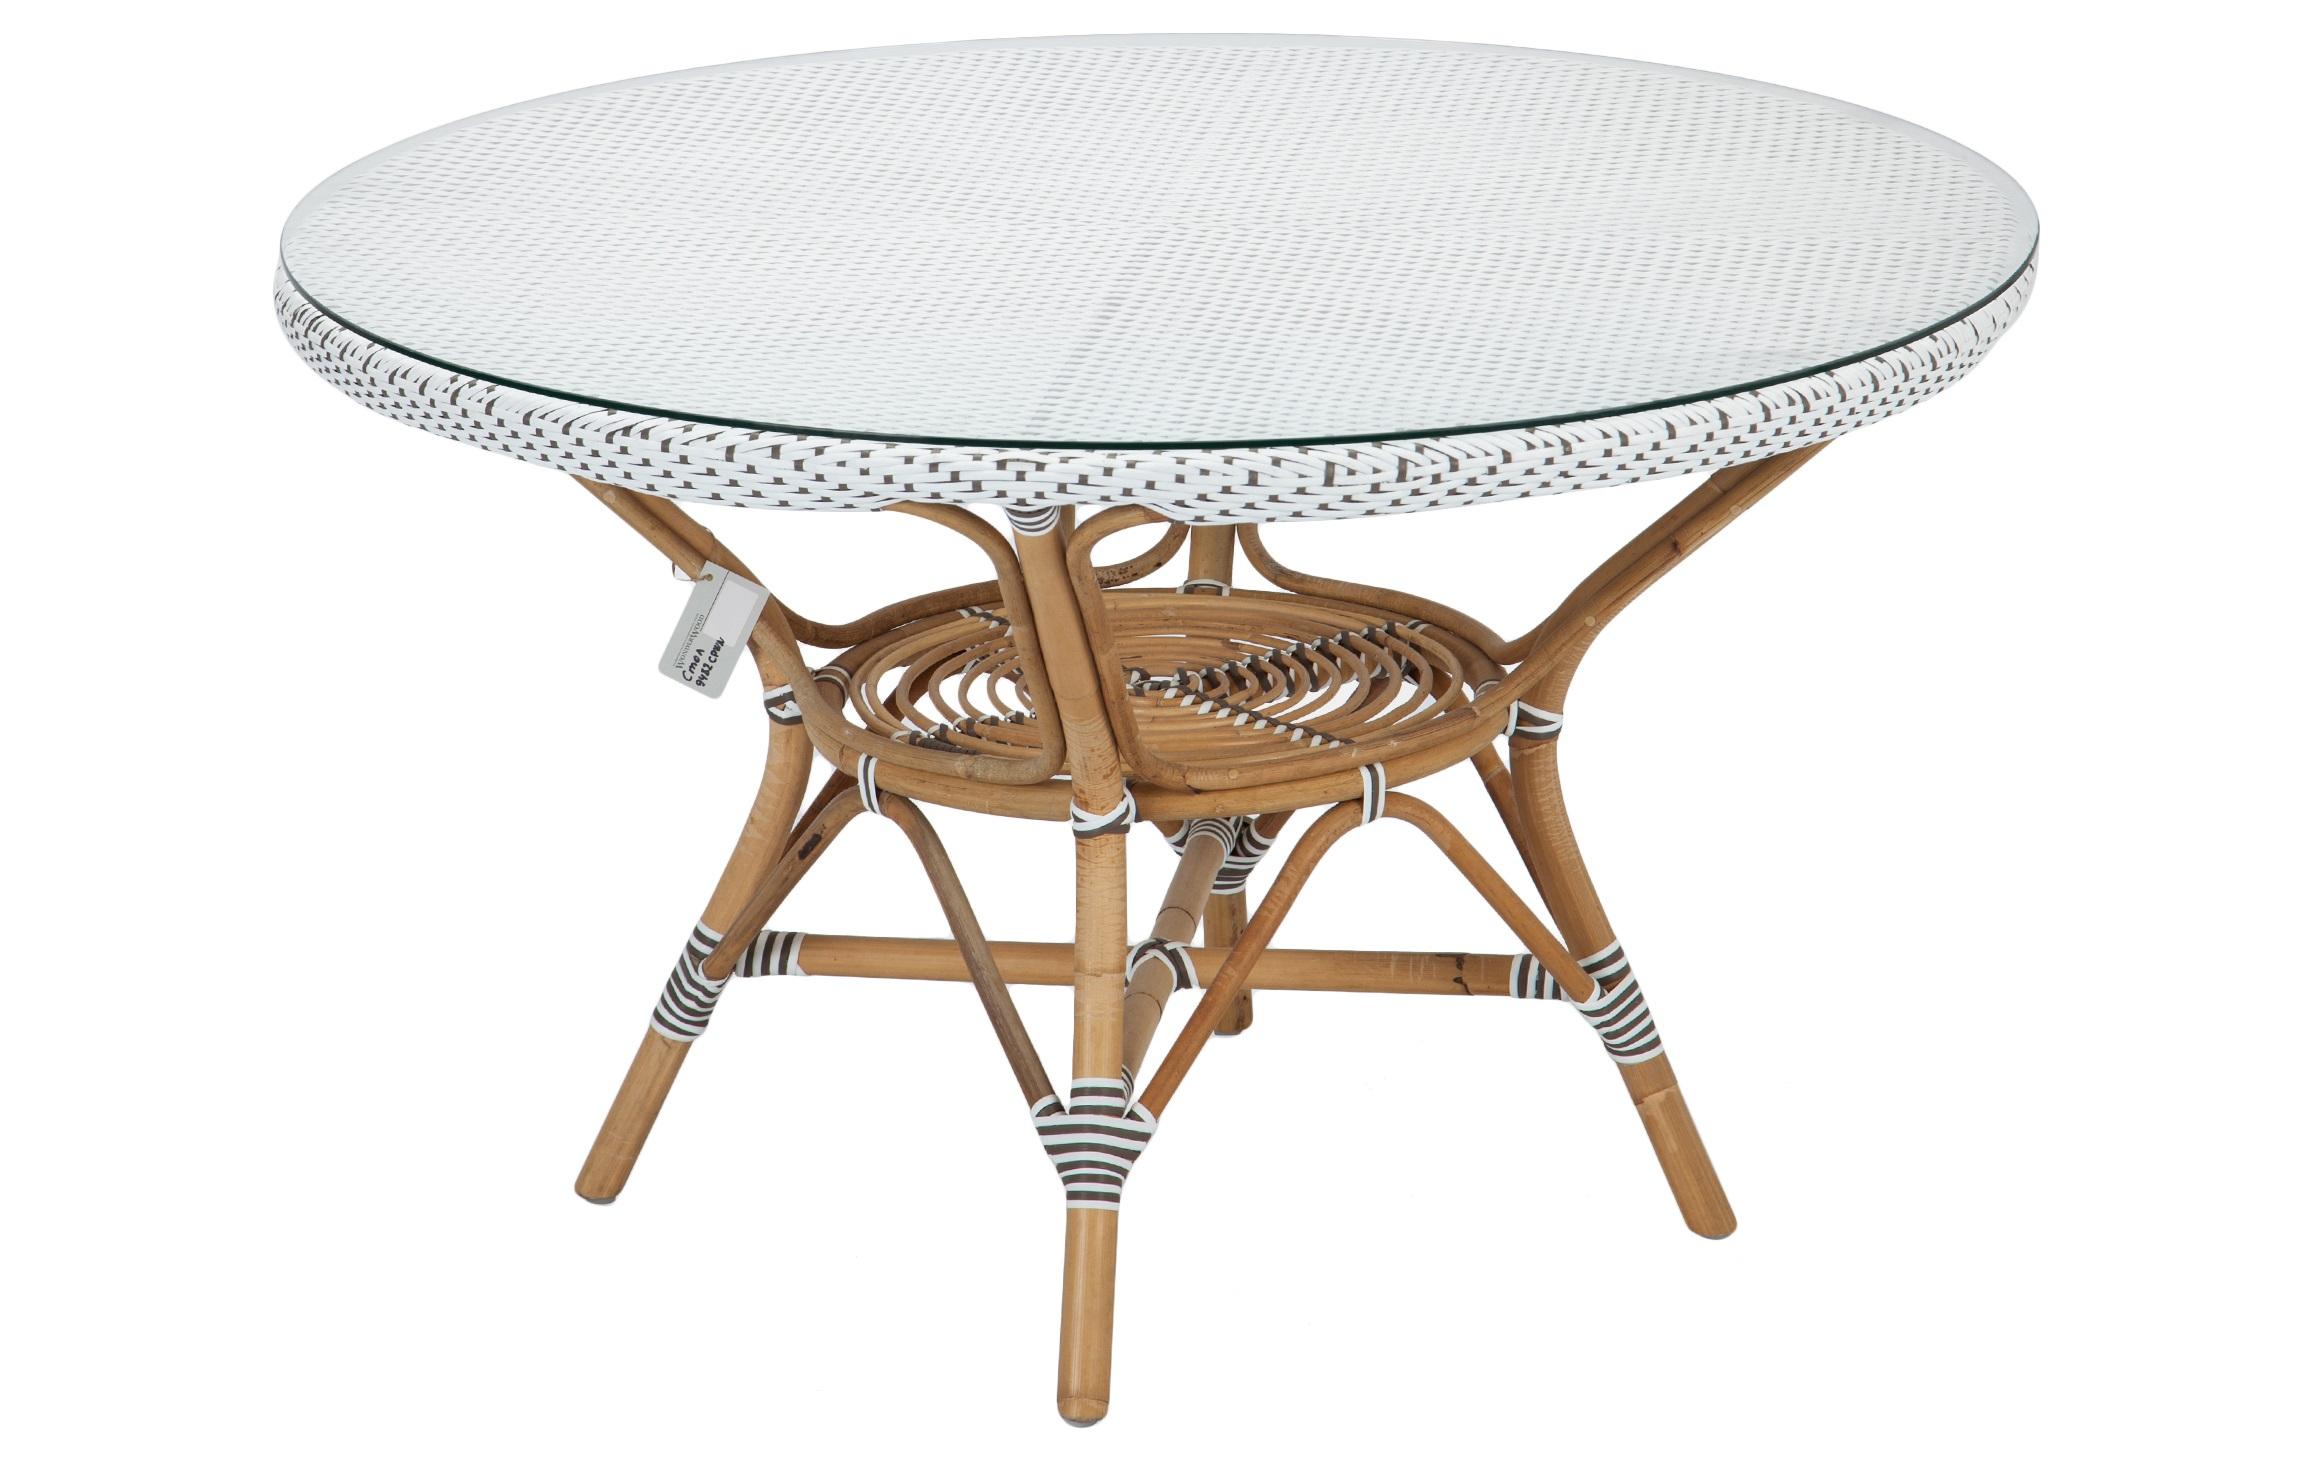 Стол обеденныйСтолы для улицы<br>Стол обеденный из ротанга, столешница из прочного синтетического волокна, сверху прозрачное стекло. В дополнение к столу в коллекции представлены стулья, полукресла и кресла из ротанга.<br><br>Material: Ротанг<br>Height см: 73<br>Diameter см: 120